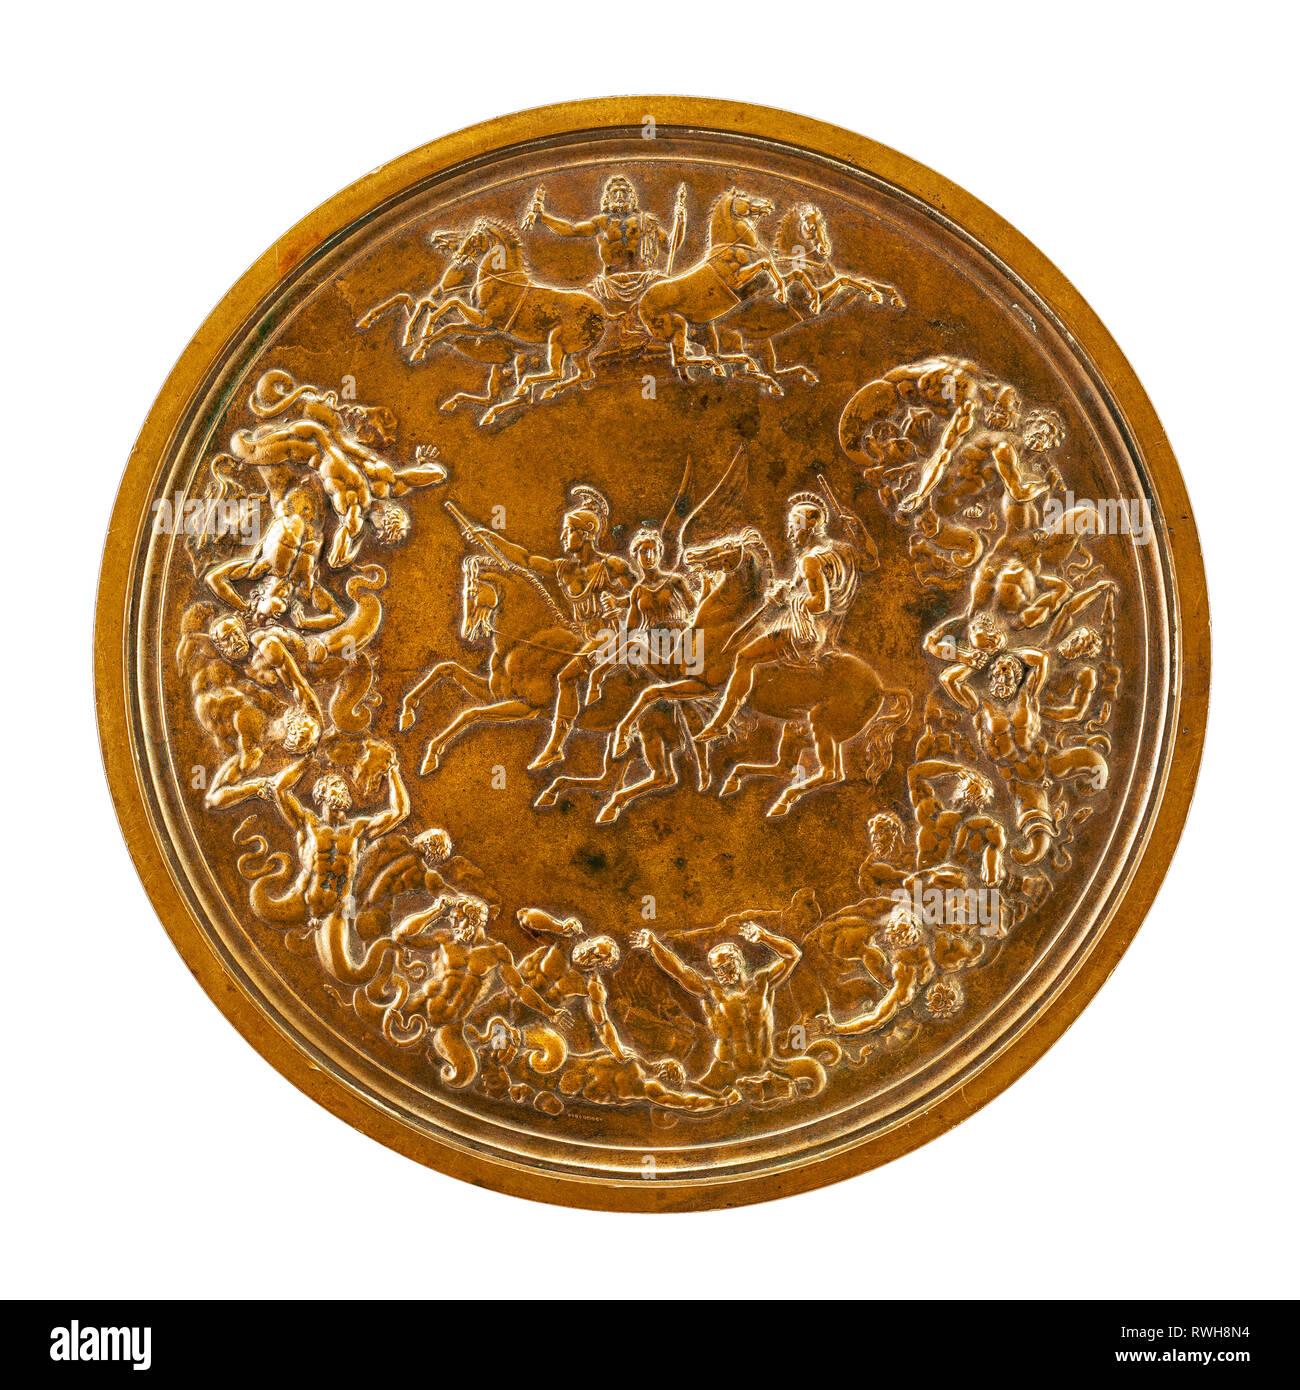 El medallón de Waterloo, trasero, Benedetto Pistrucci, 1861 Imagen De Stock